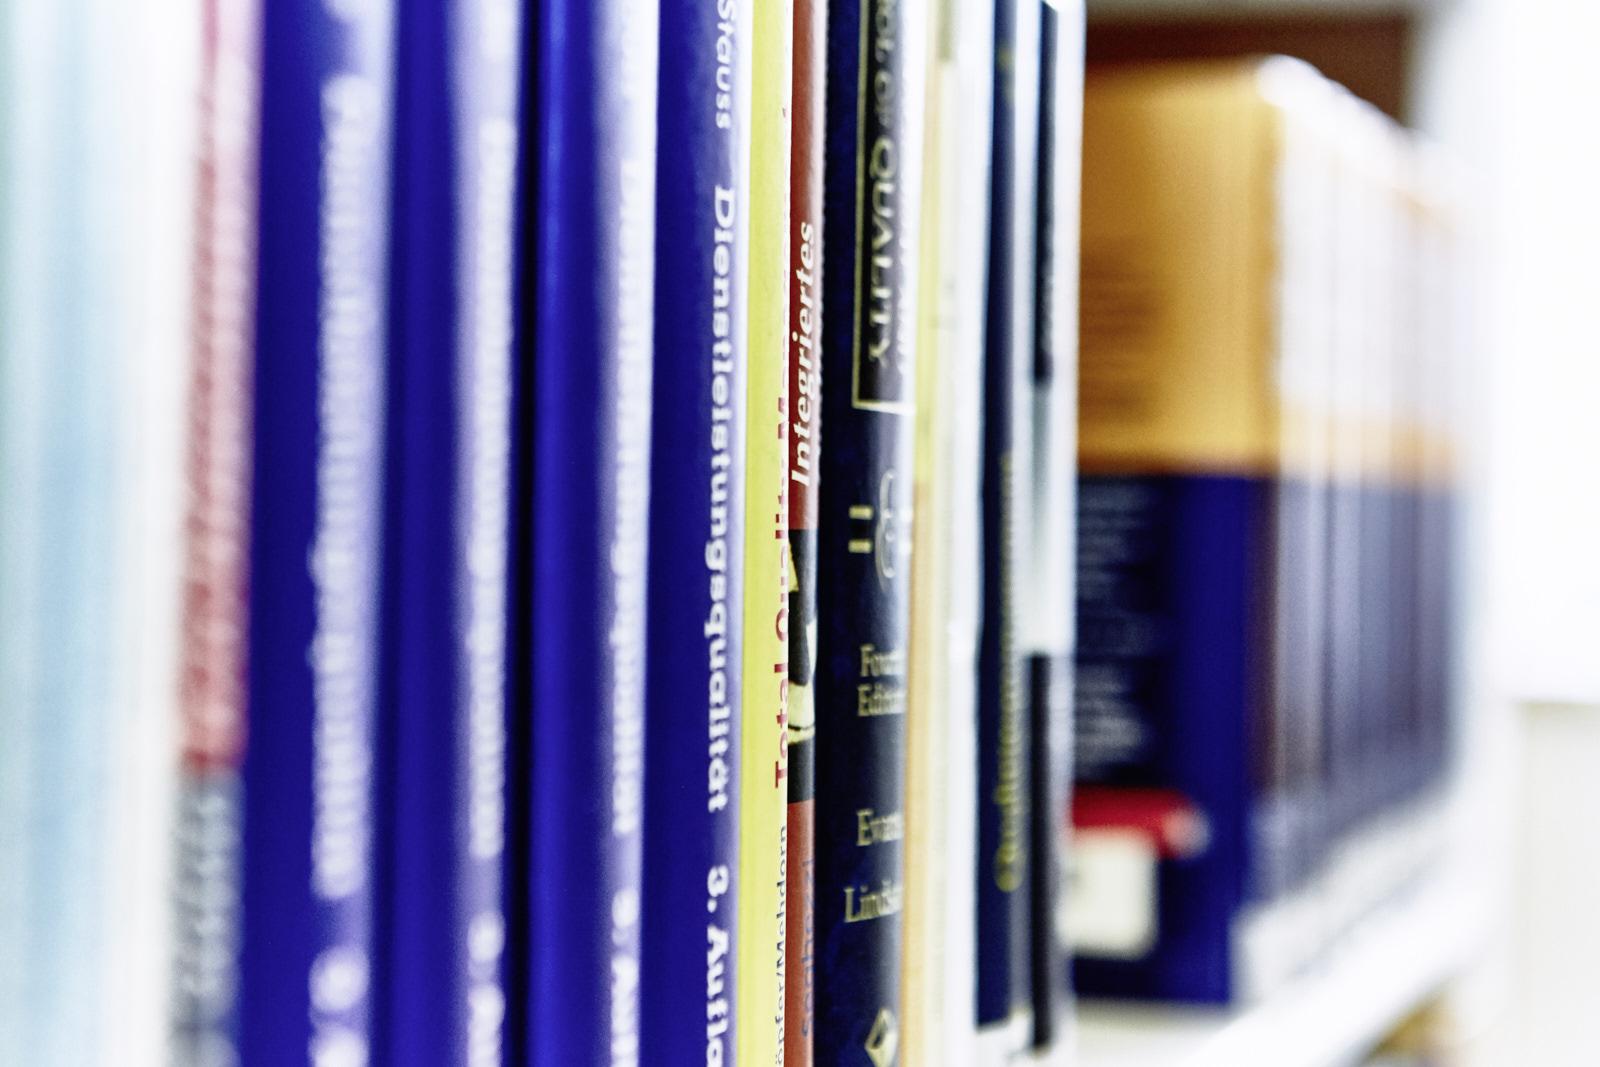 literatur duales studium brandenburg. Black Bedroom Furniture Sets. Home Design Ideas